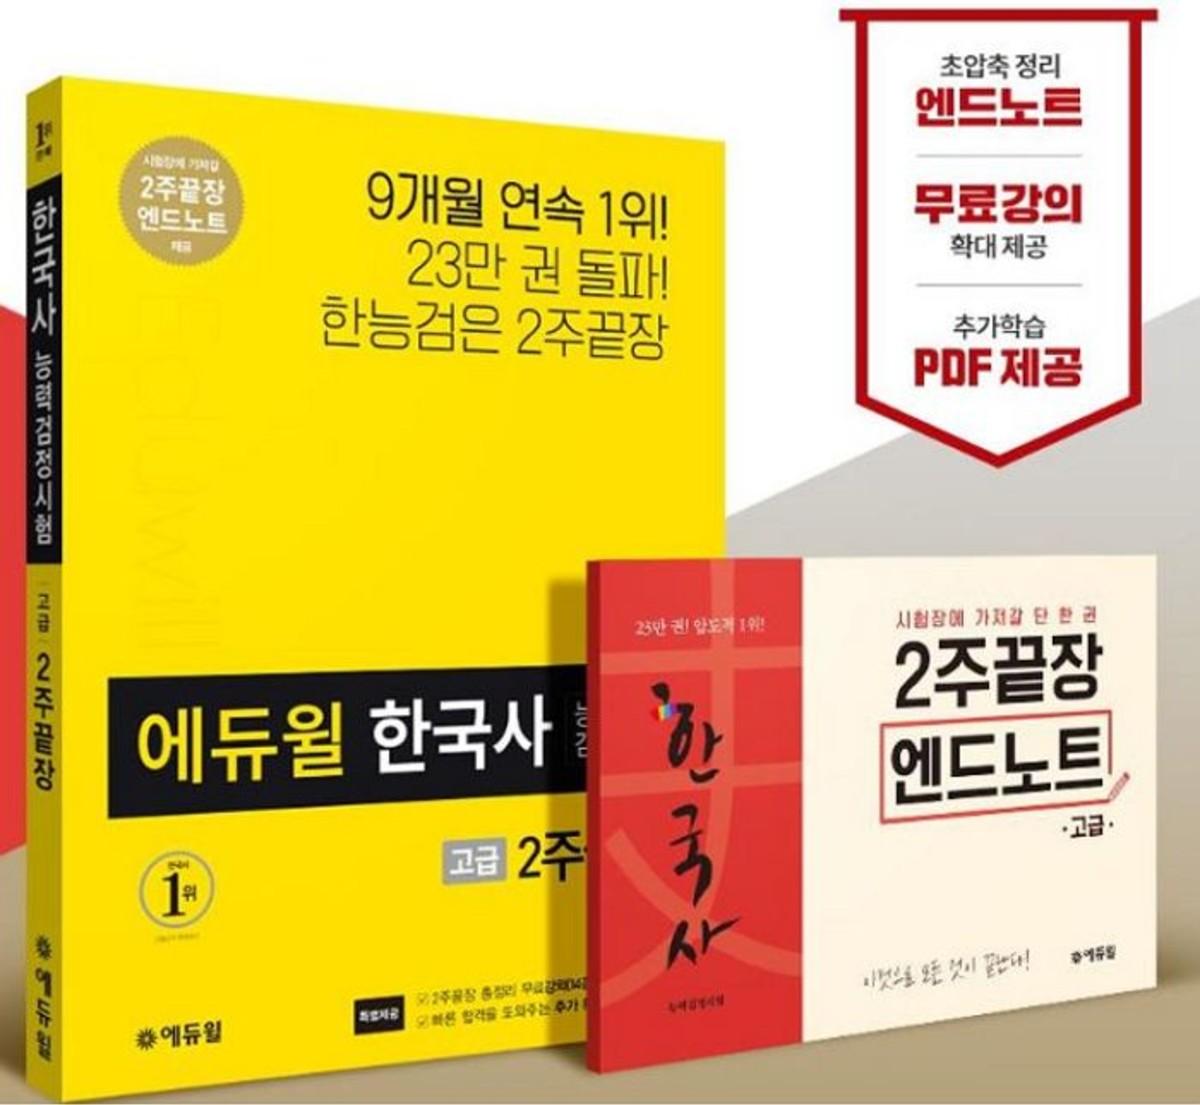 에듀윌, 한국사능력검정시험 2주끝장 고급 교재 개정판 출간 ...